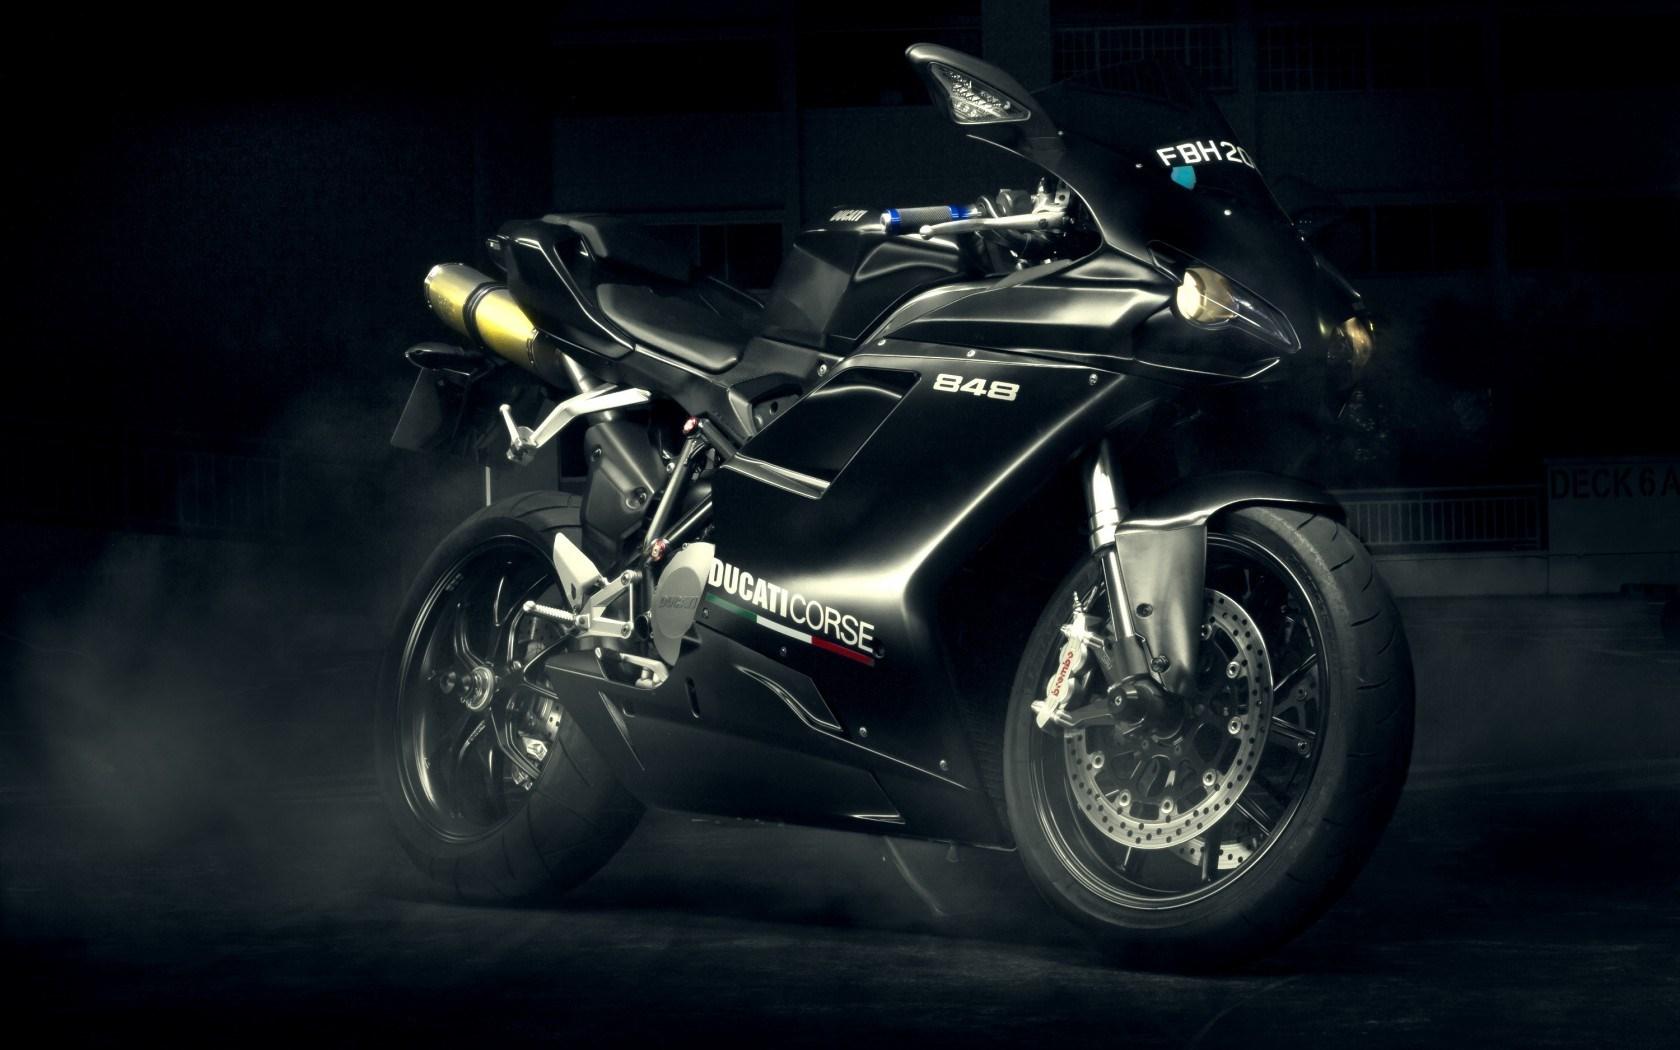 ducati motorcycle ducati 899 ducati logo ducati logo wallpapers hd 1680x1050